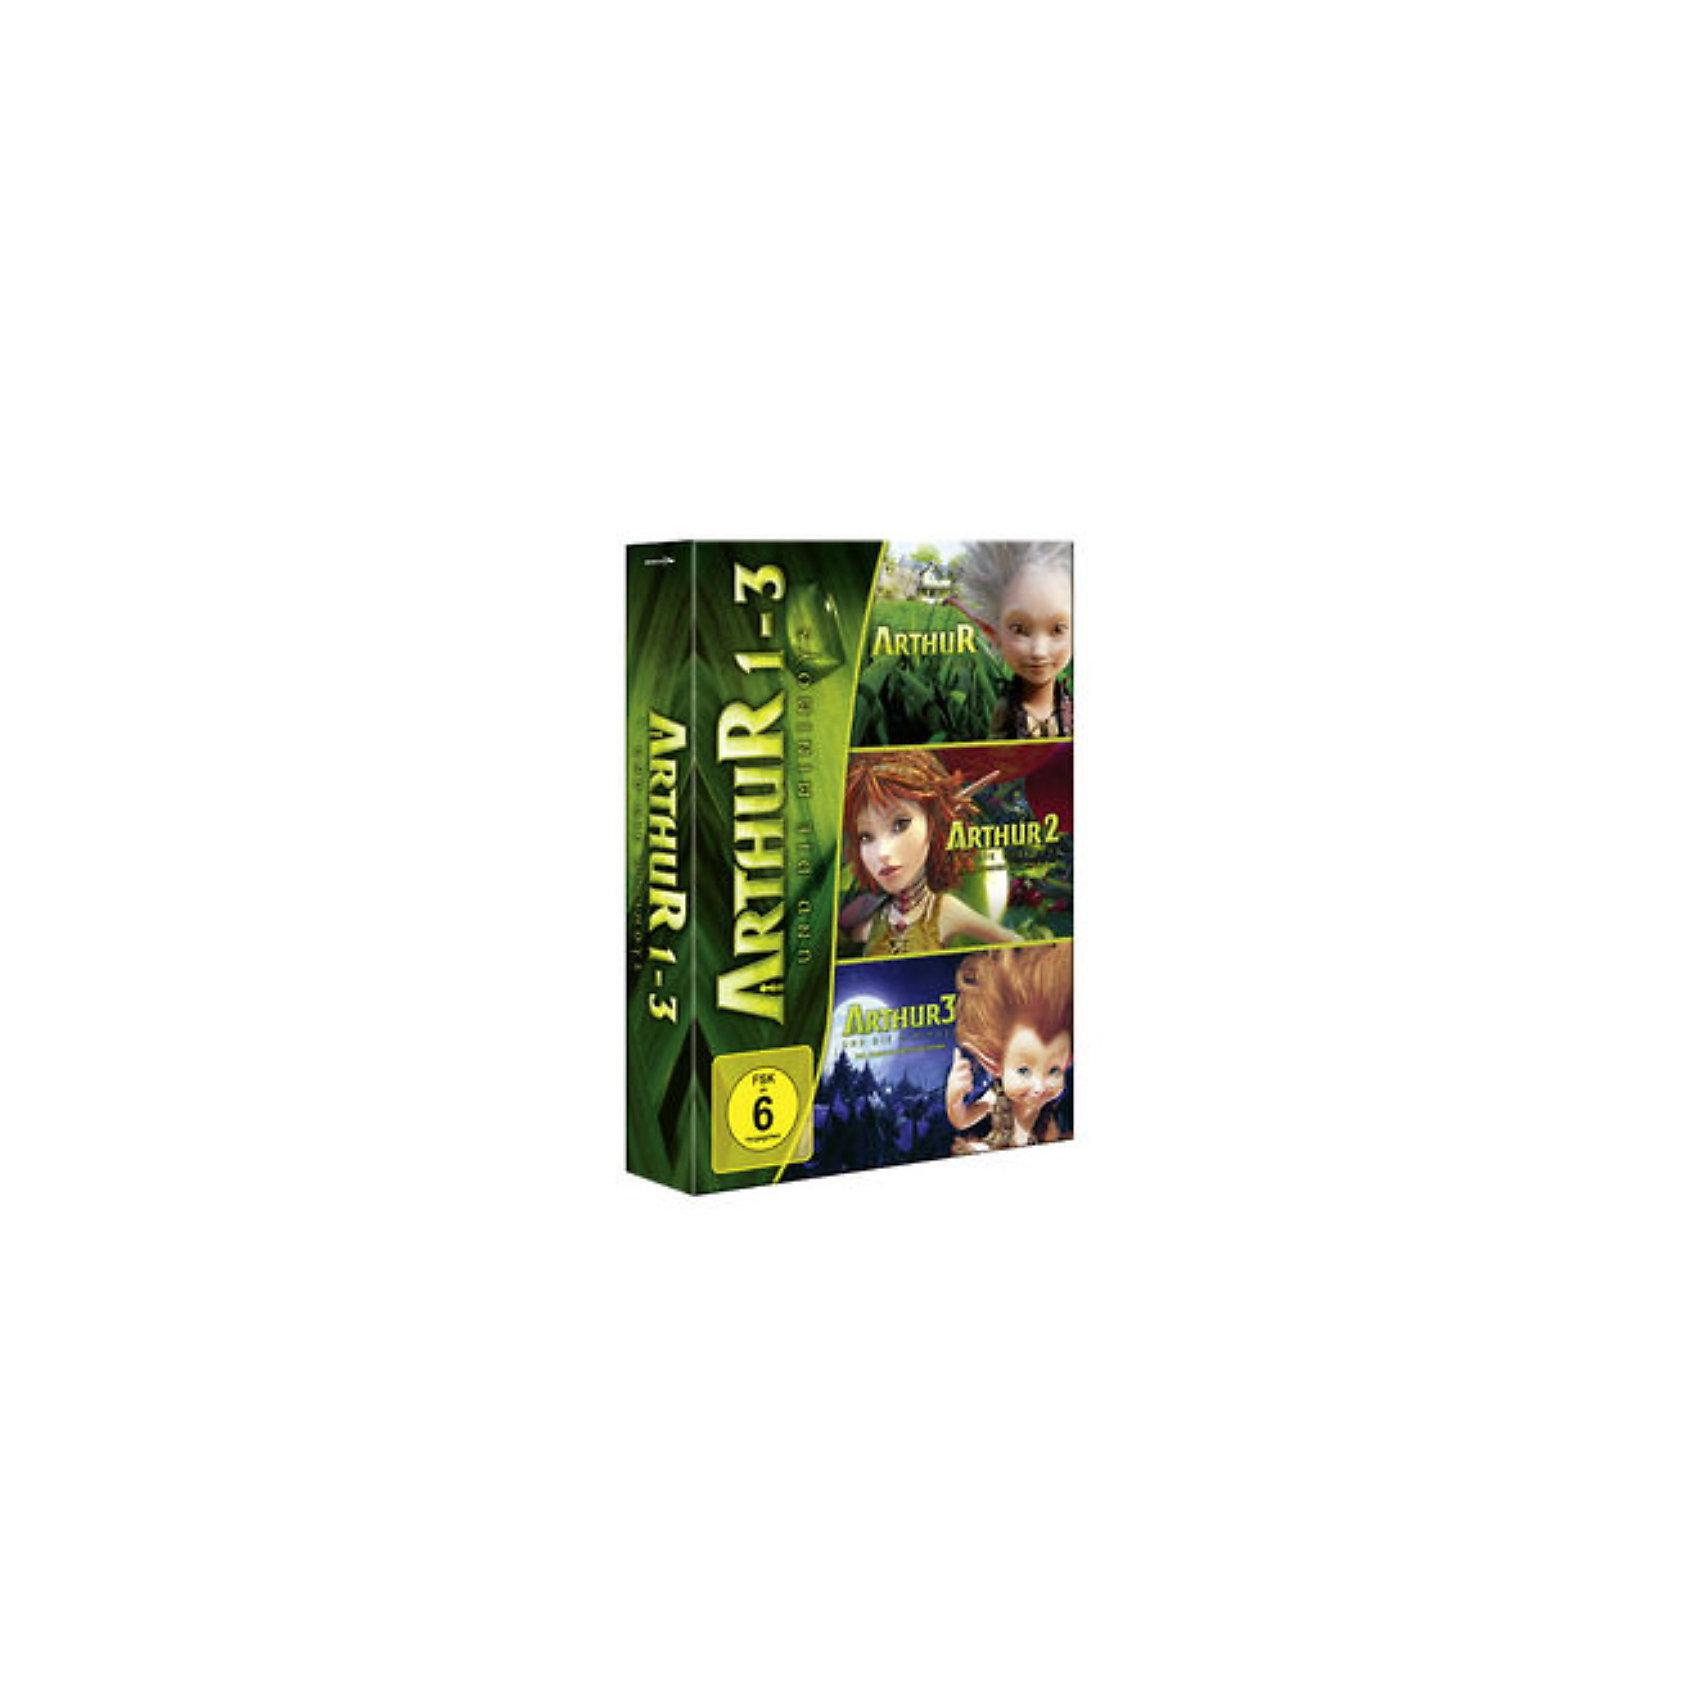 DVD Arthur und die Minimoys 1-3 - Trilogie